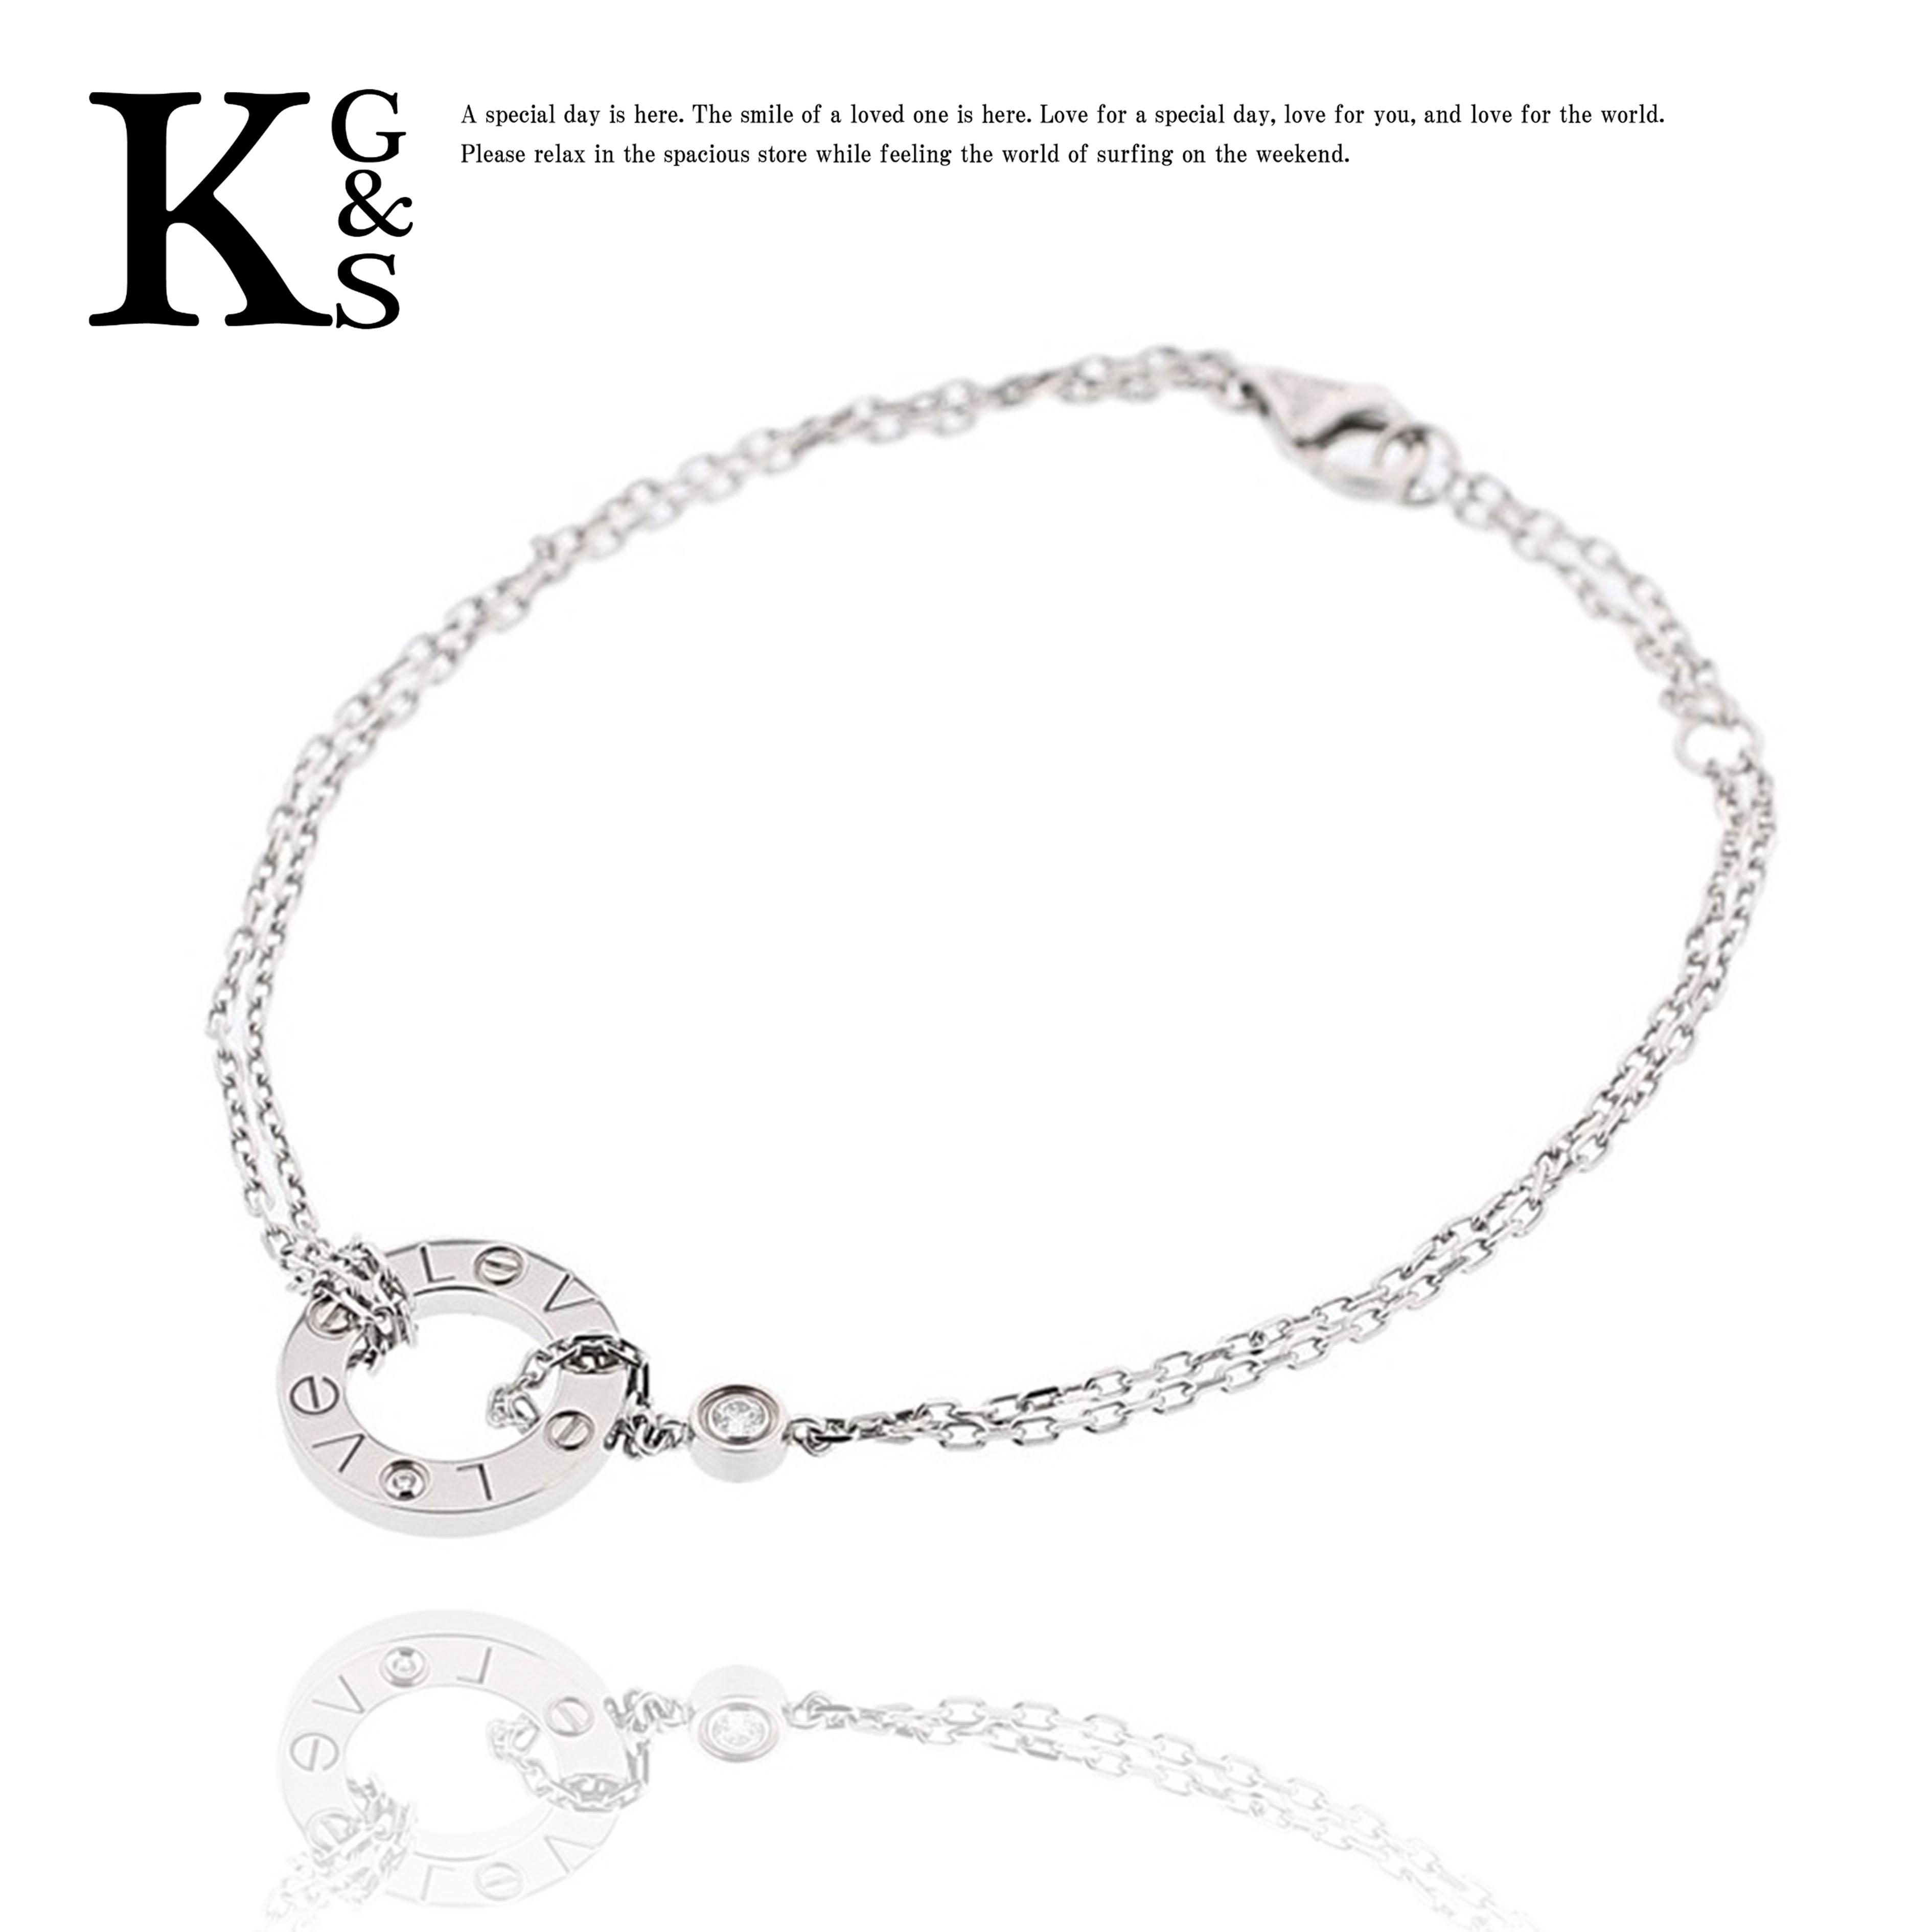 【ギフト品質】カルティエ/Cartier レディース ラブサークル 2Pダイヤ(0.03ct) ブレスレット K18WG ホワイトゴールド B6038100